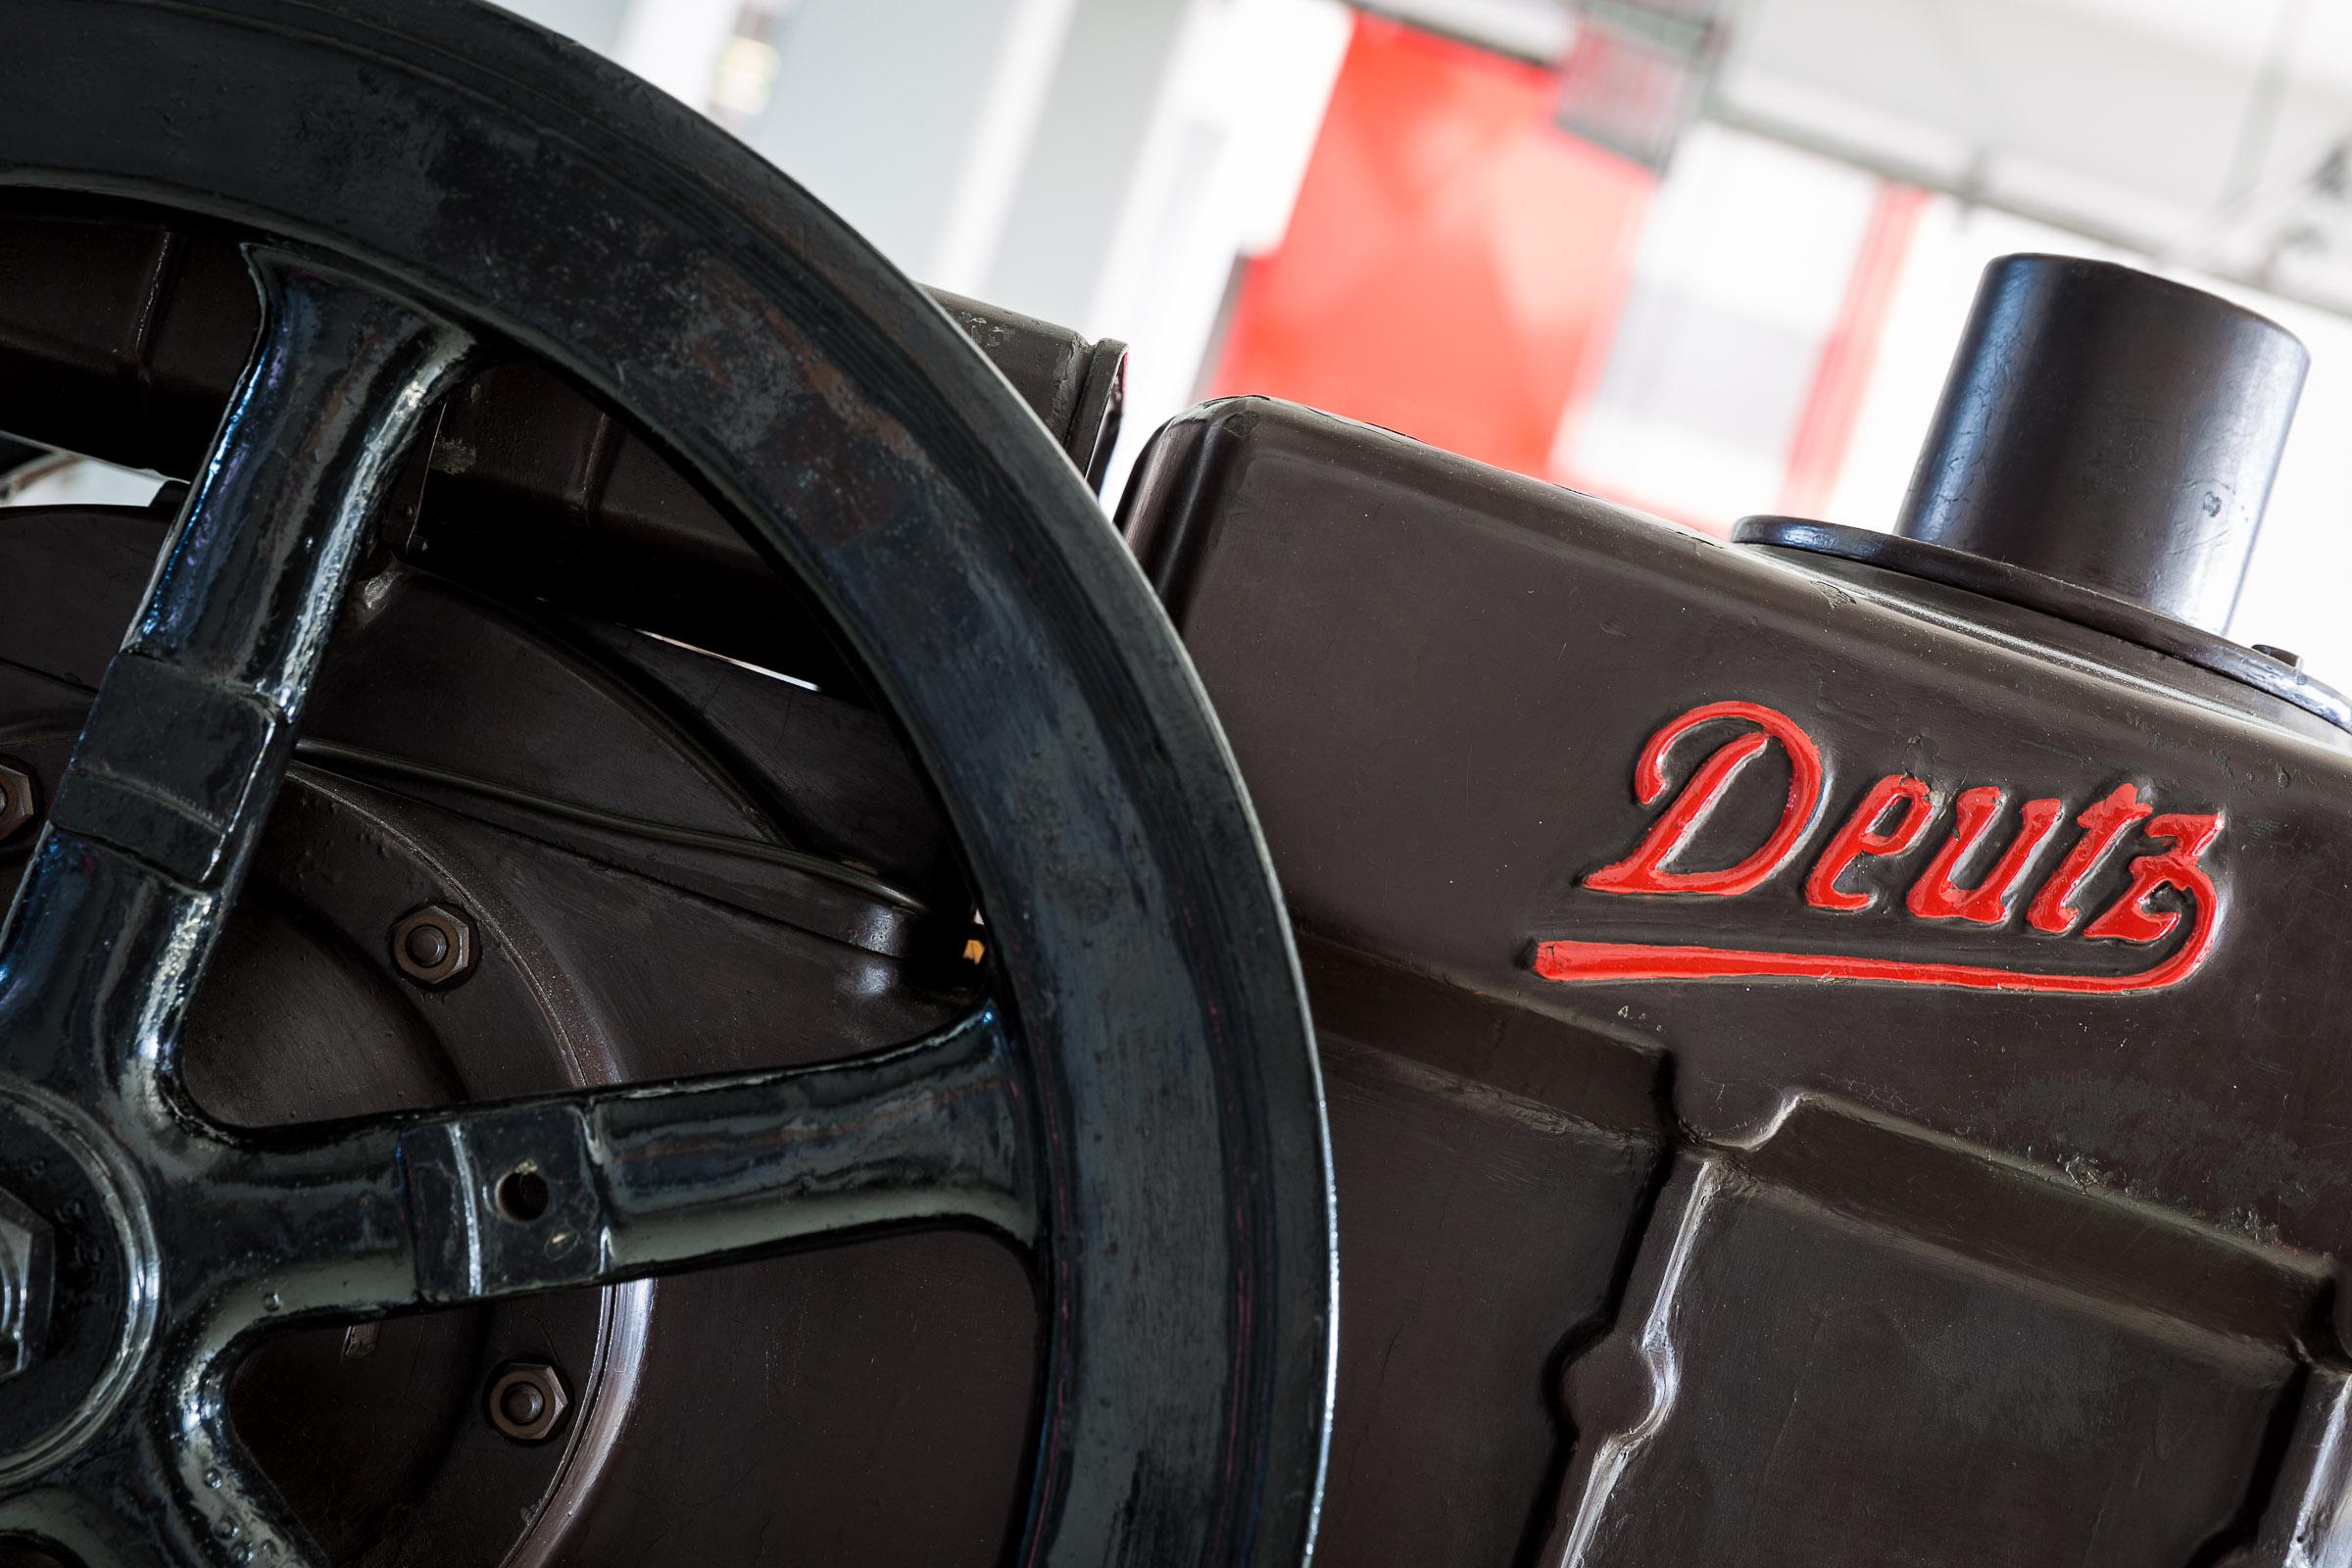 Deutz engine logo stills red